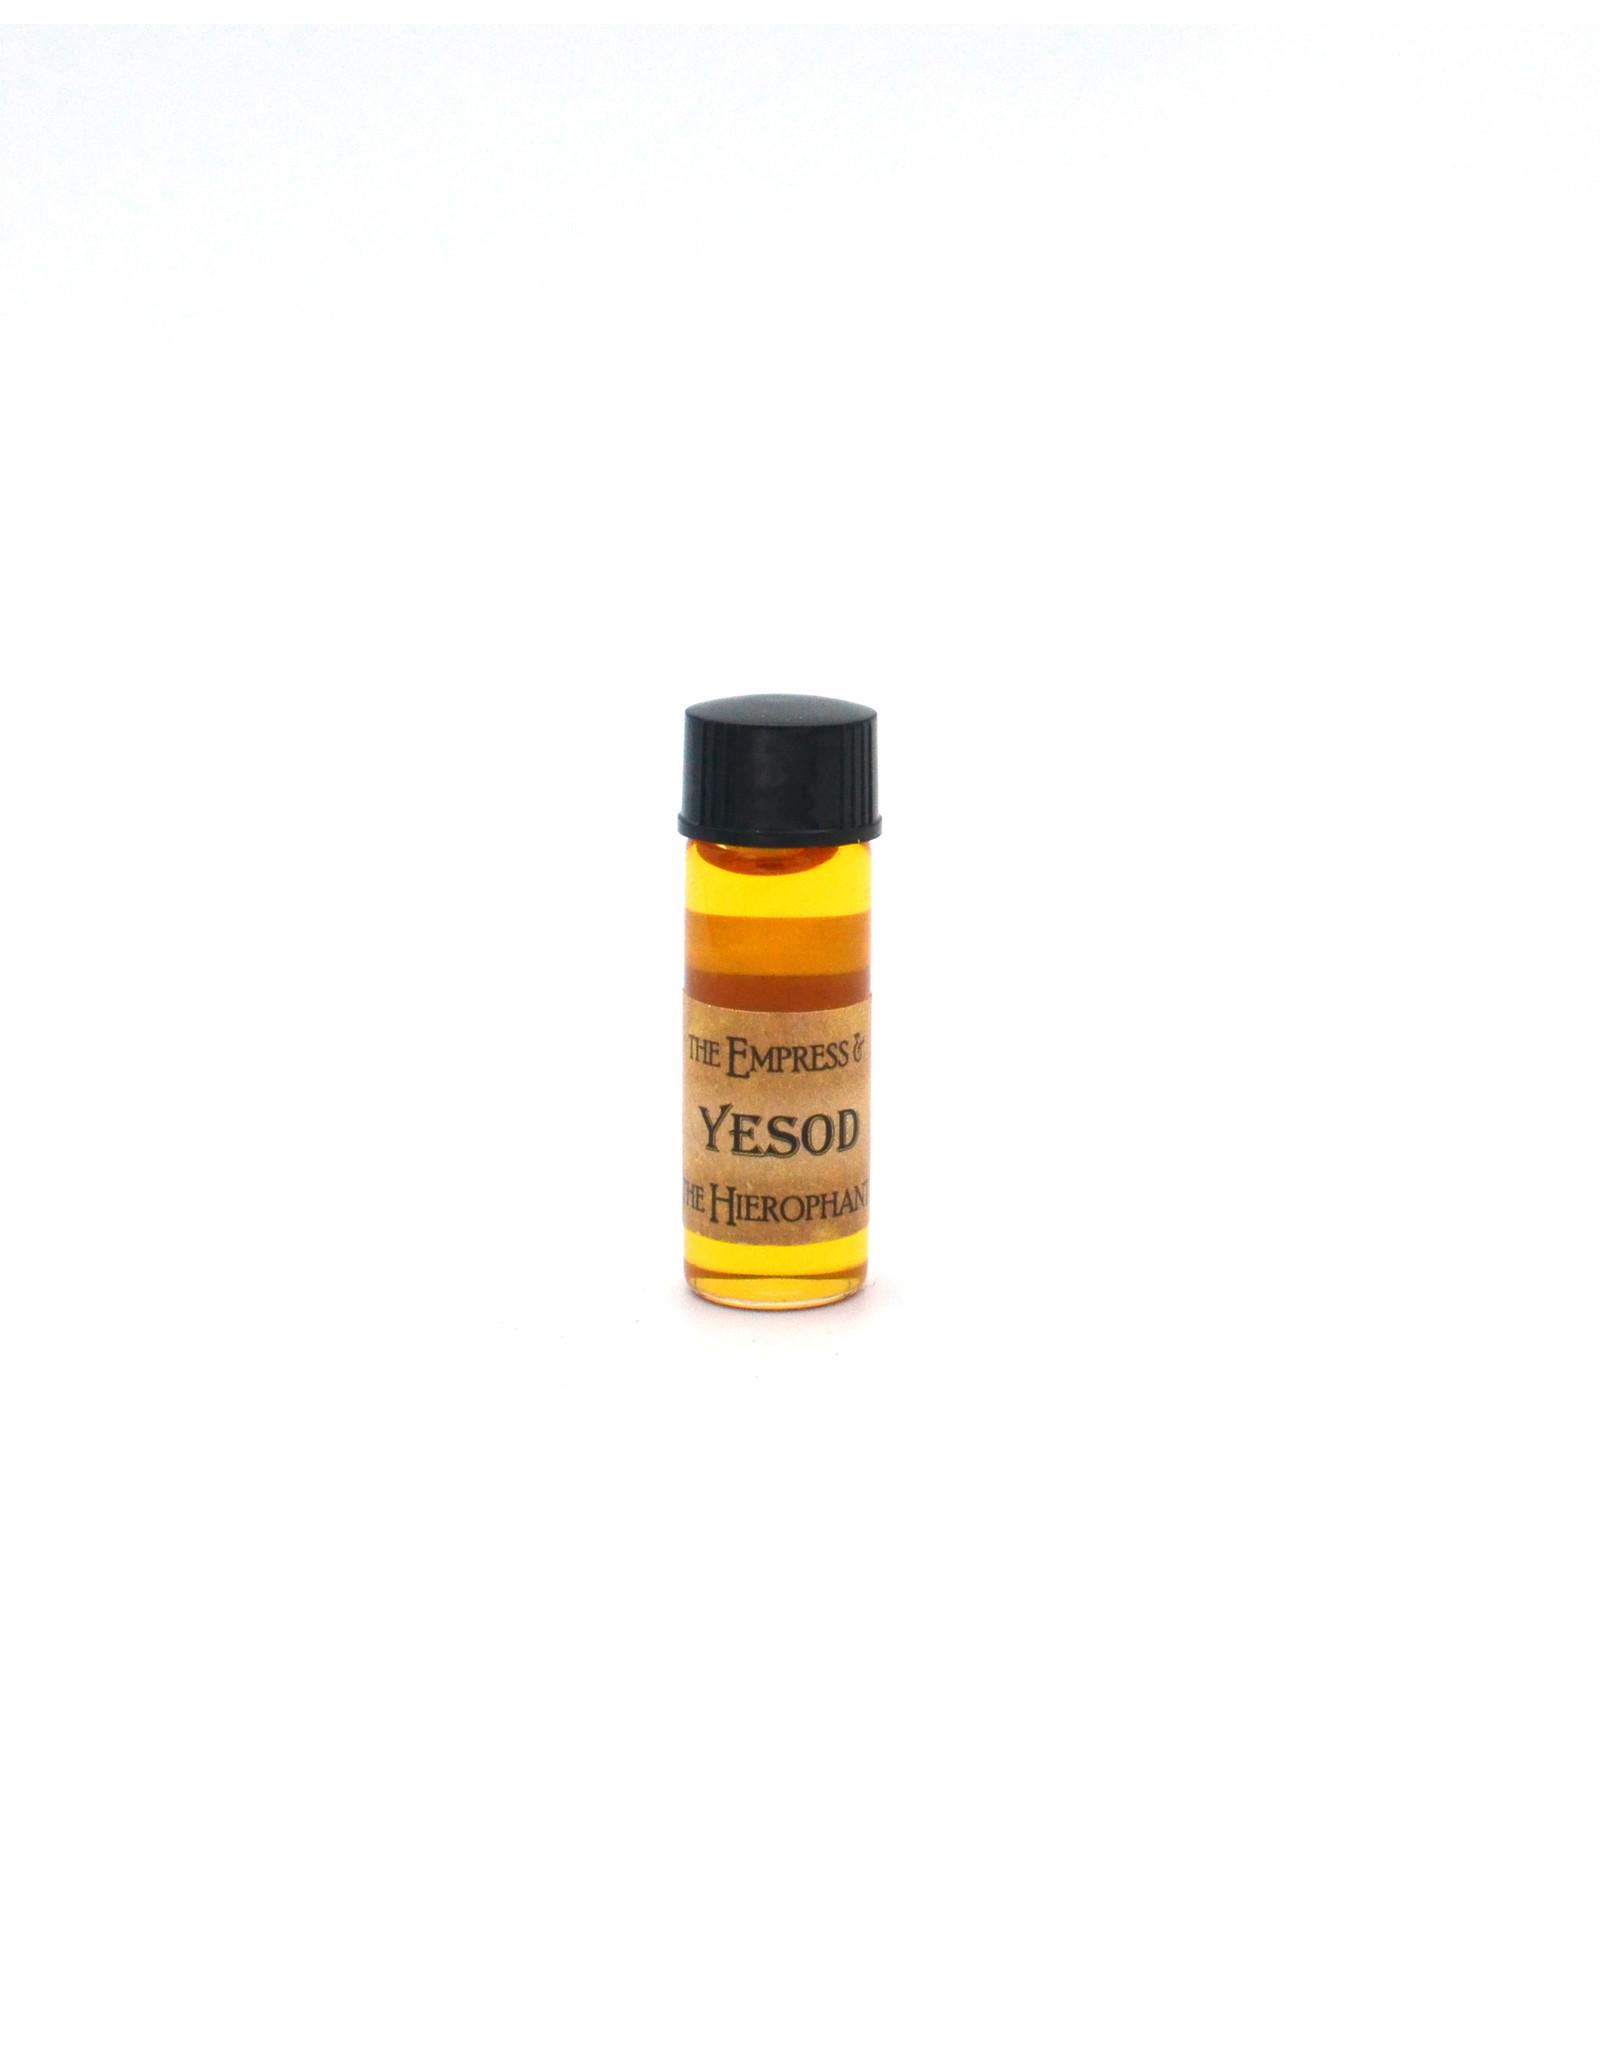 Yesod Magickal Oil 1 Dram Bottle